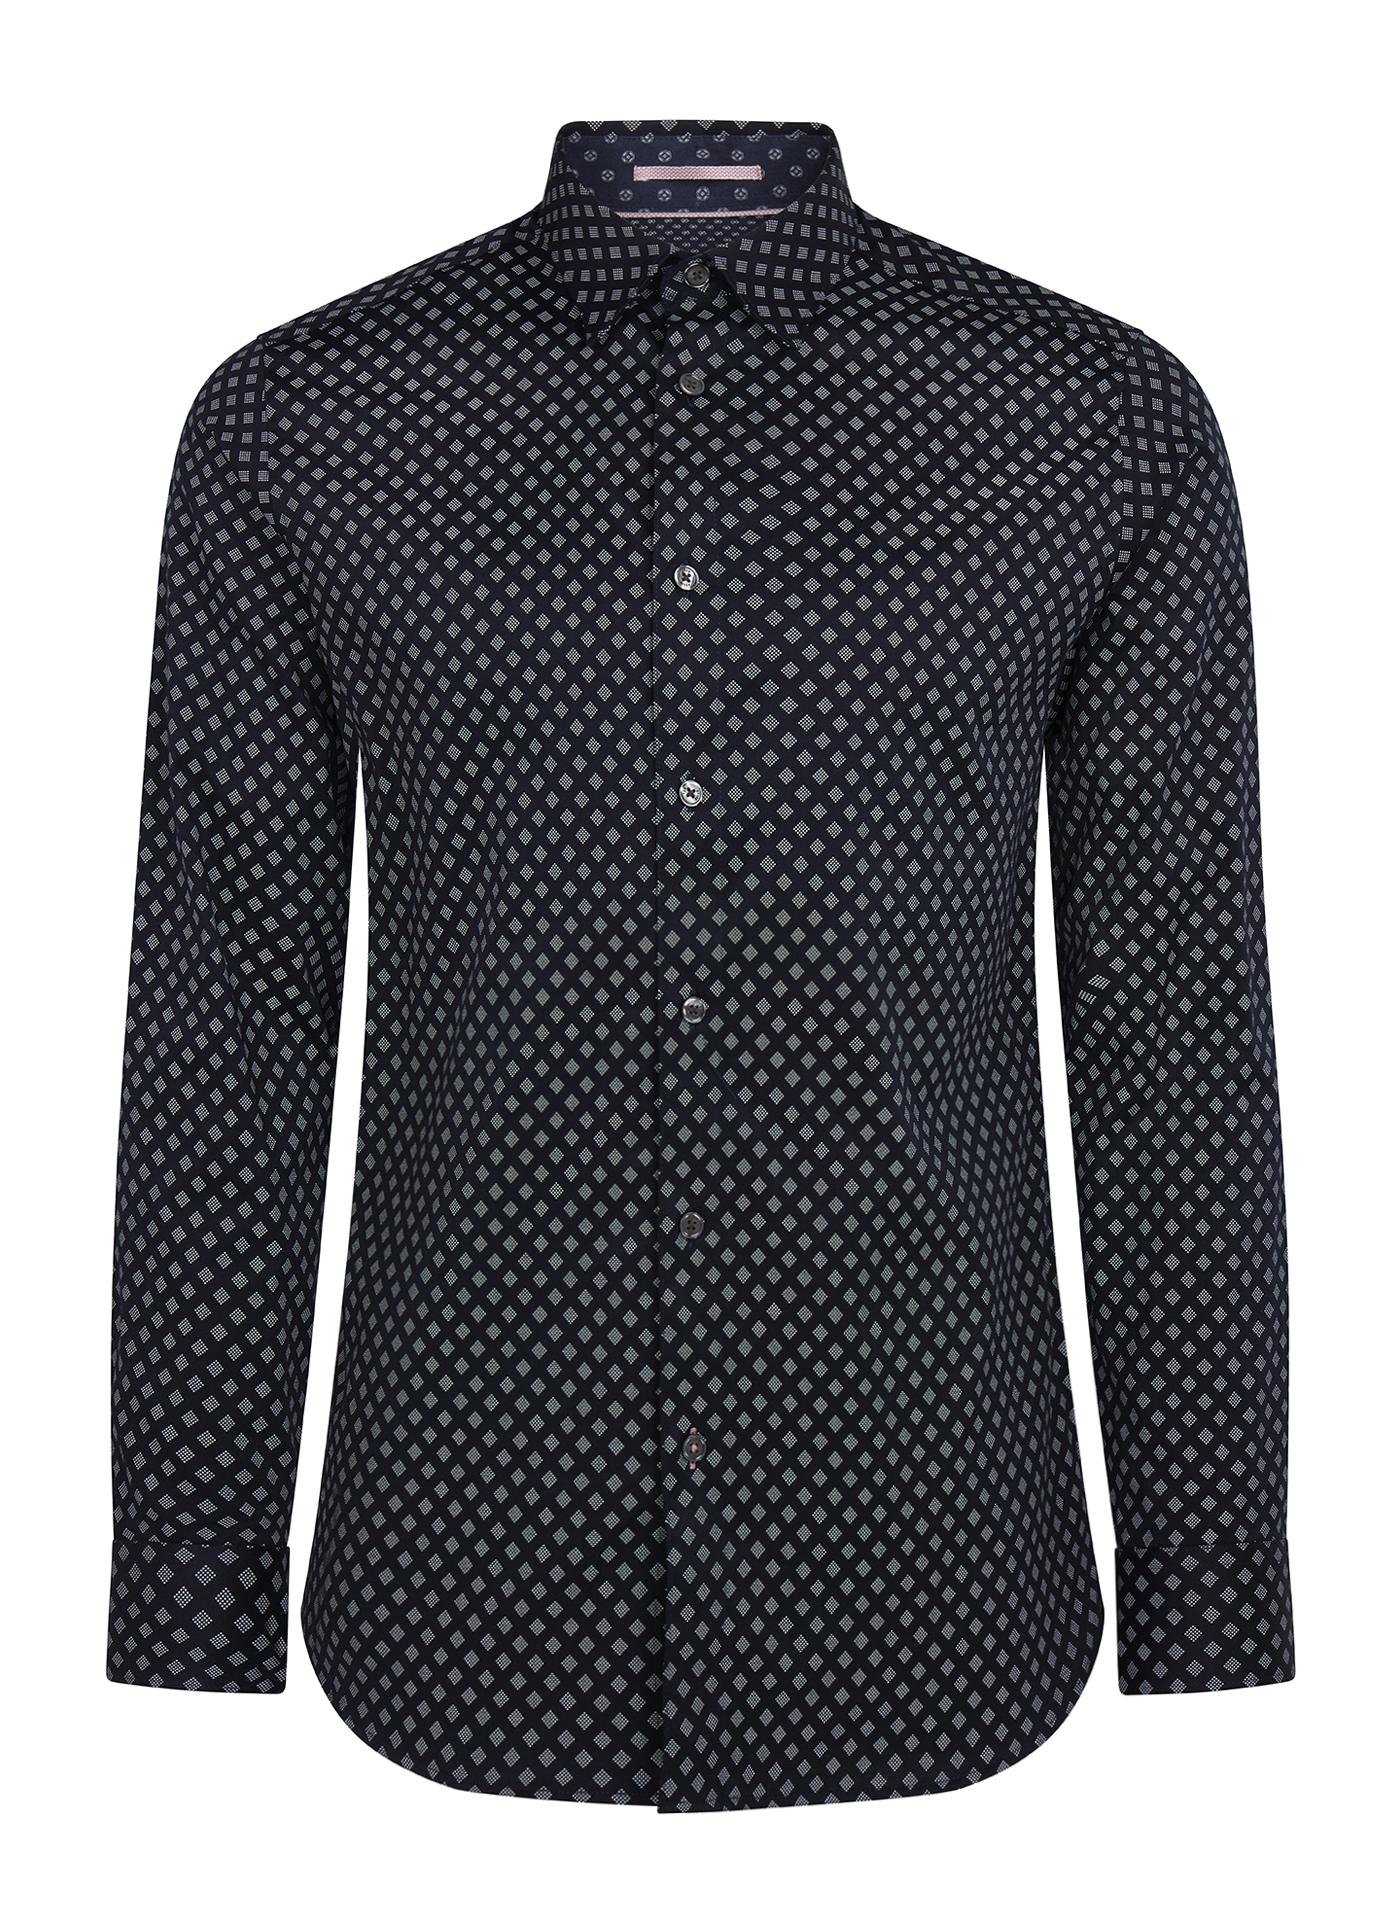 Dark dot pattern Ted Baker mens shirt